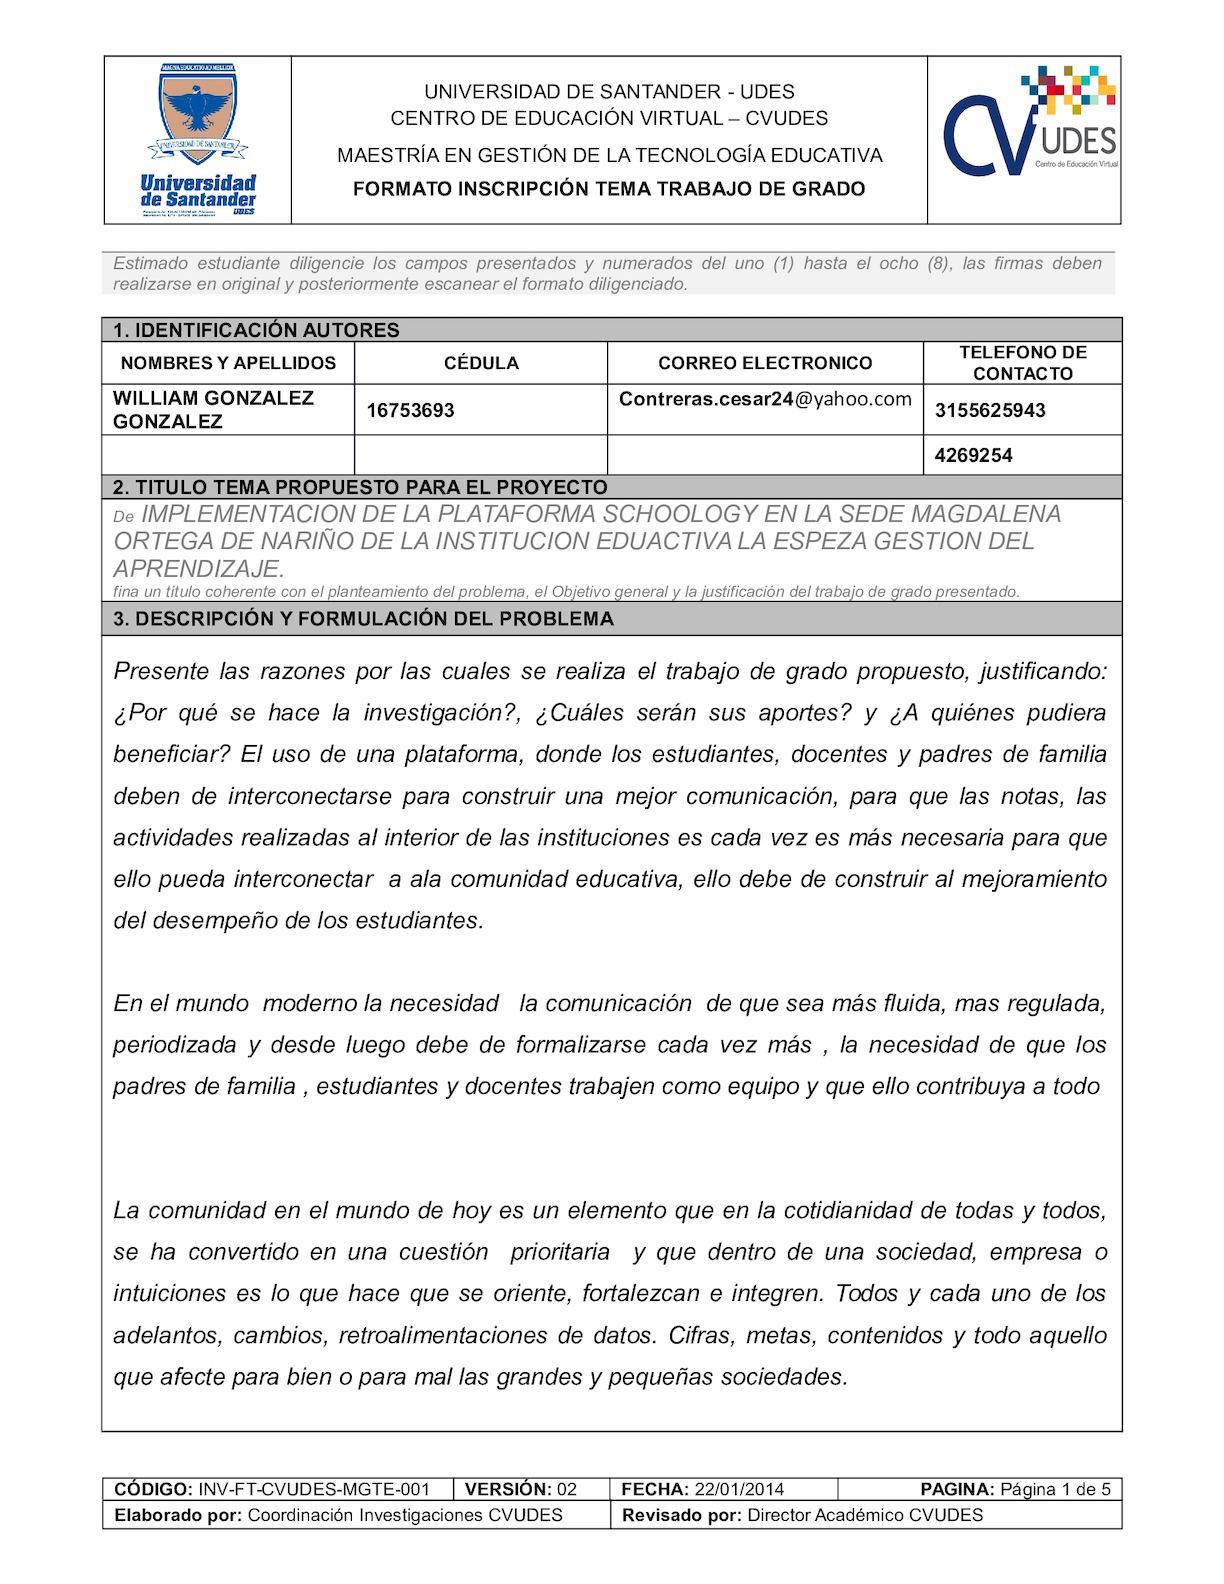 Estimado Estudiante Diligencie Los Campos Presentados Y Numerados Del Un1